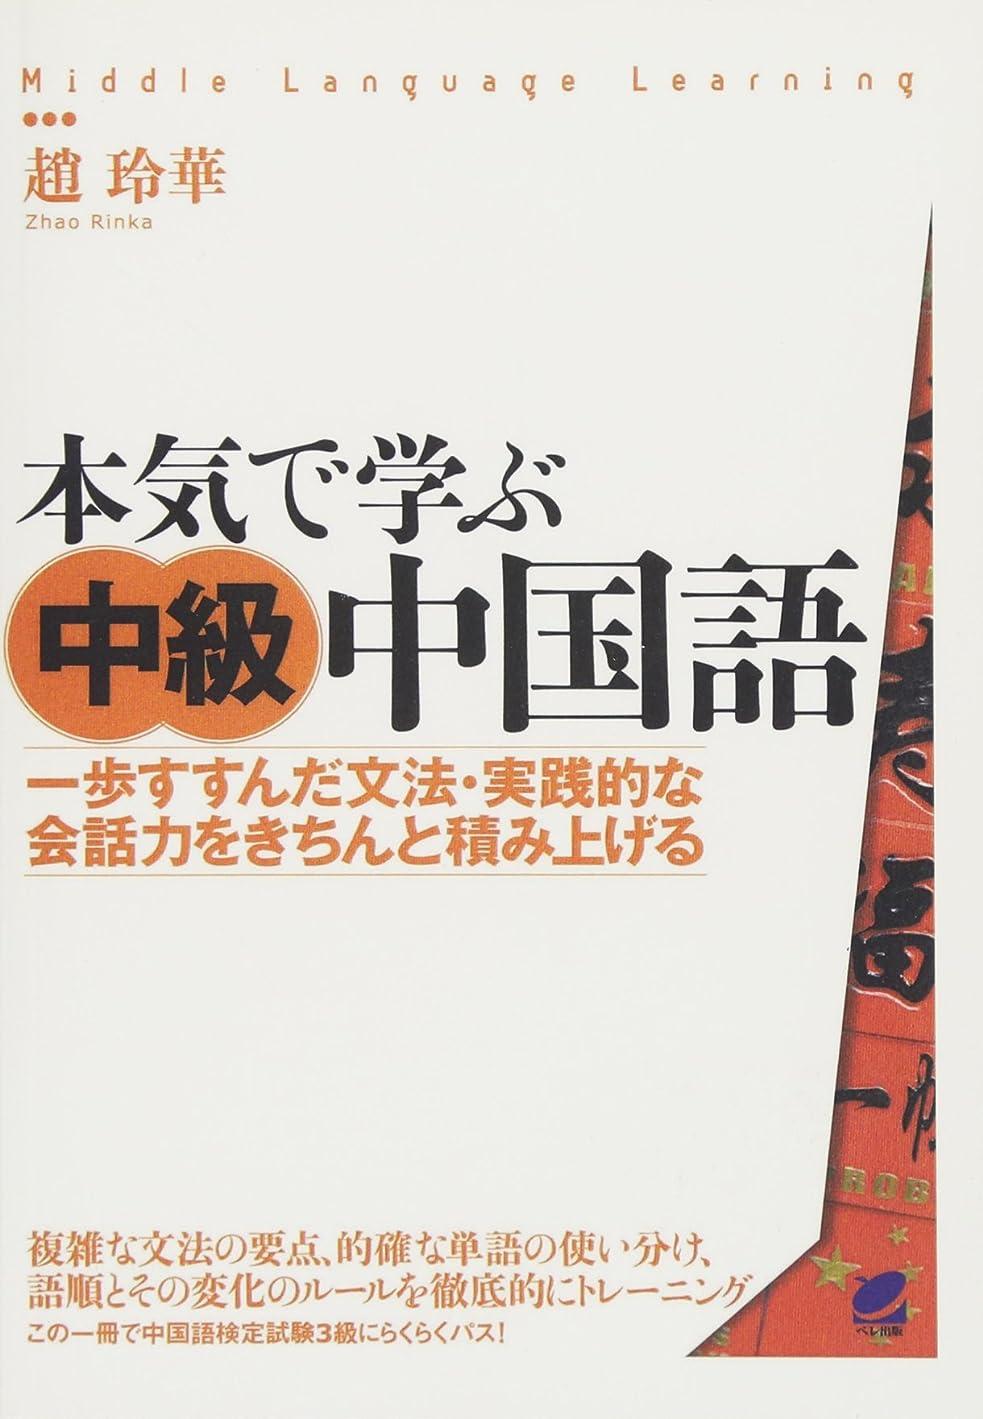 横認識収縮本気で学ぶ中級中国語(CDなしバージョン)